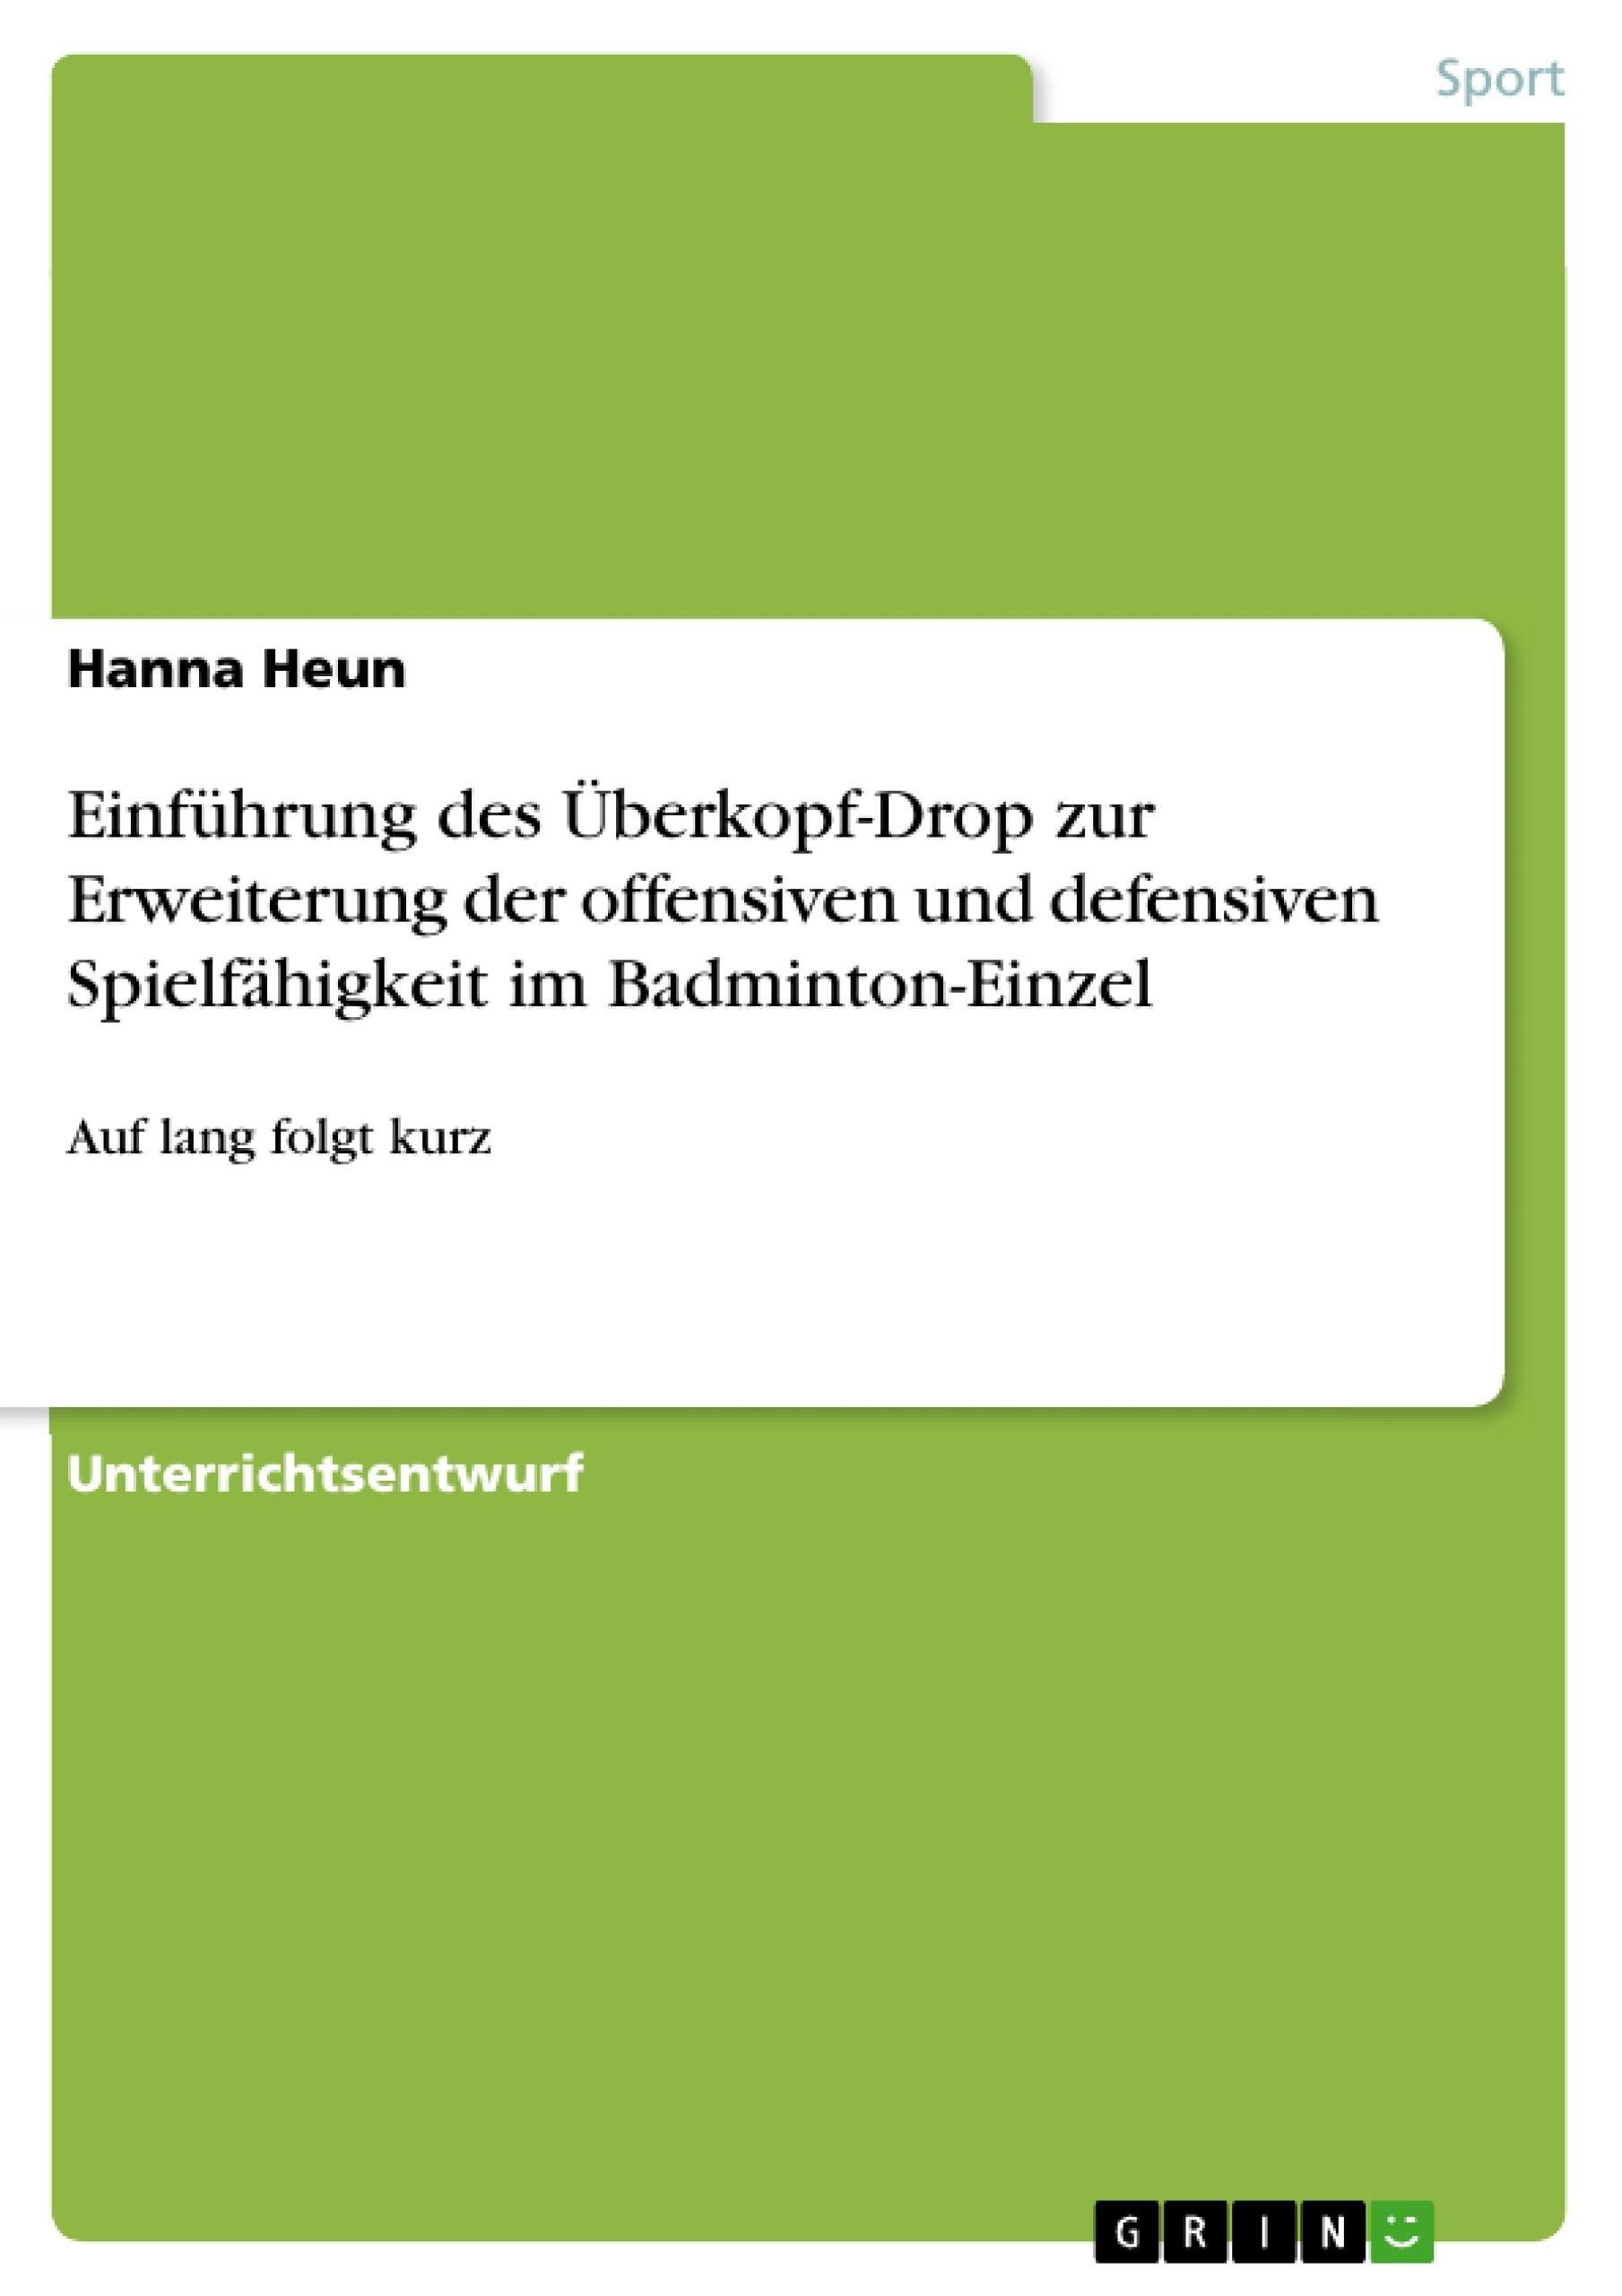 Titel: Einführung des Überkopf-Drop zur Erweiterung der offensiven und defensiven Spielfähigkeit im Badminton-Einzel